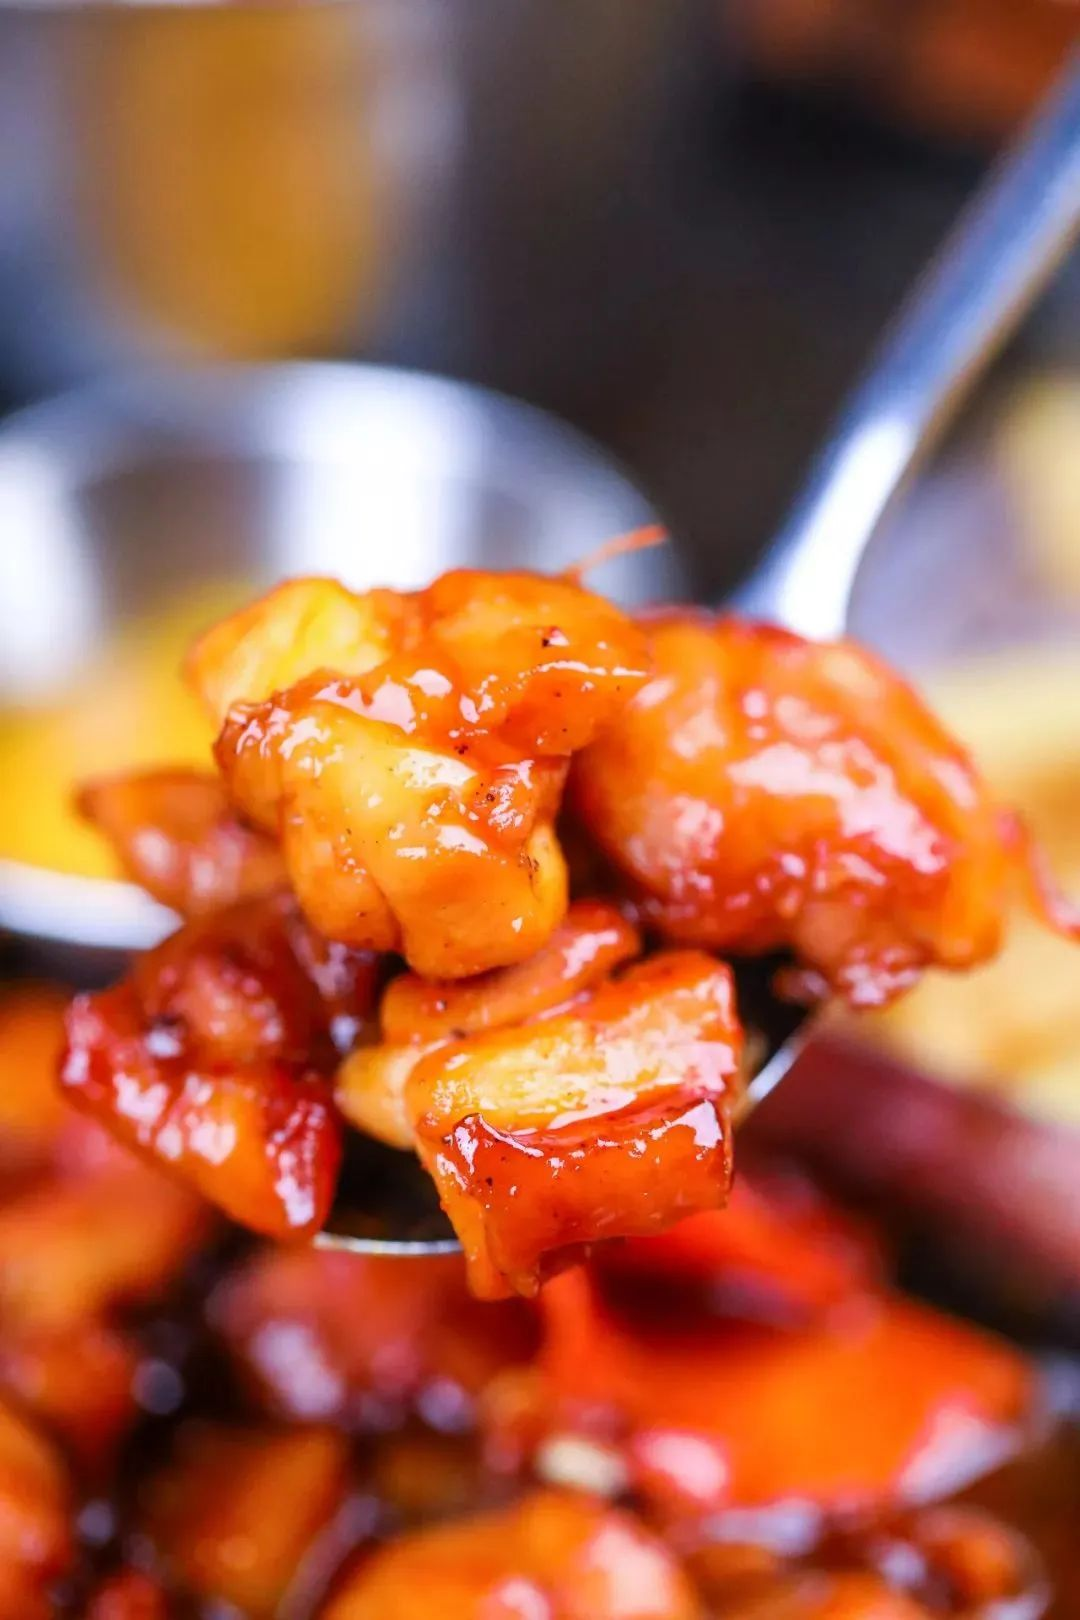 【2店通用】组队吃鸡啦!¥98抢价值188「詹姆士排骨分米鸡」豪华双人餐=酱鸡+炸薯条+沙拉+乳酸菌饮料+奶酪+米饭!